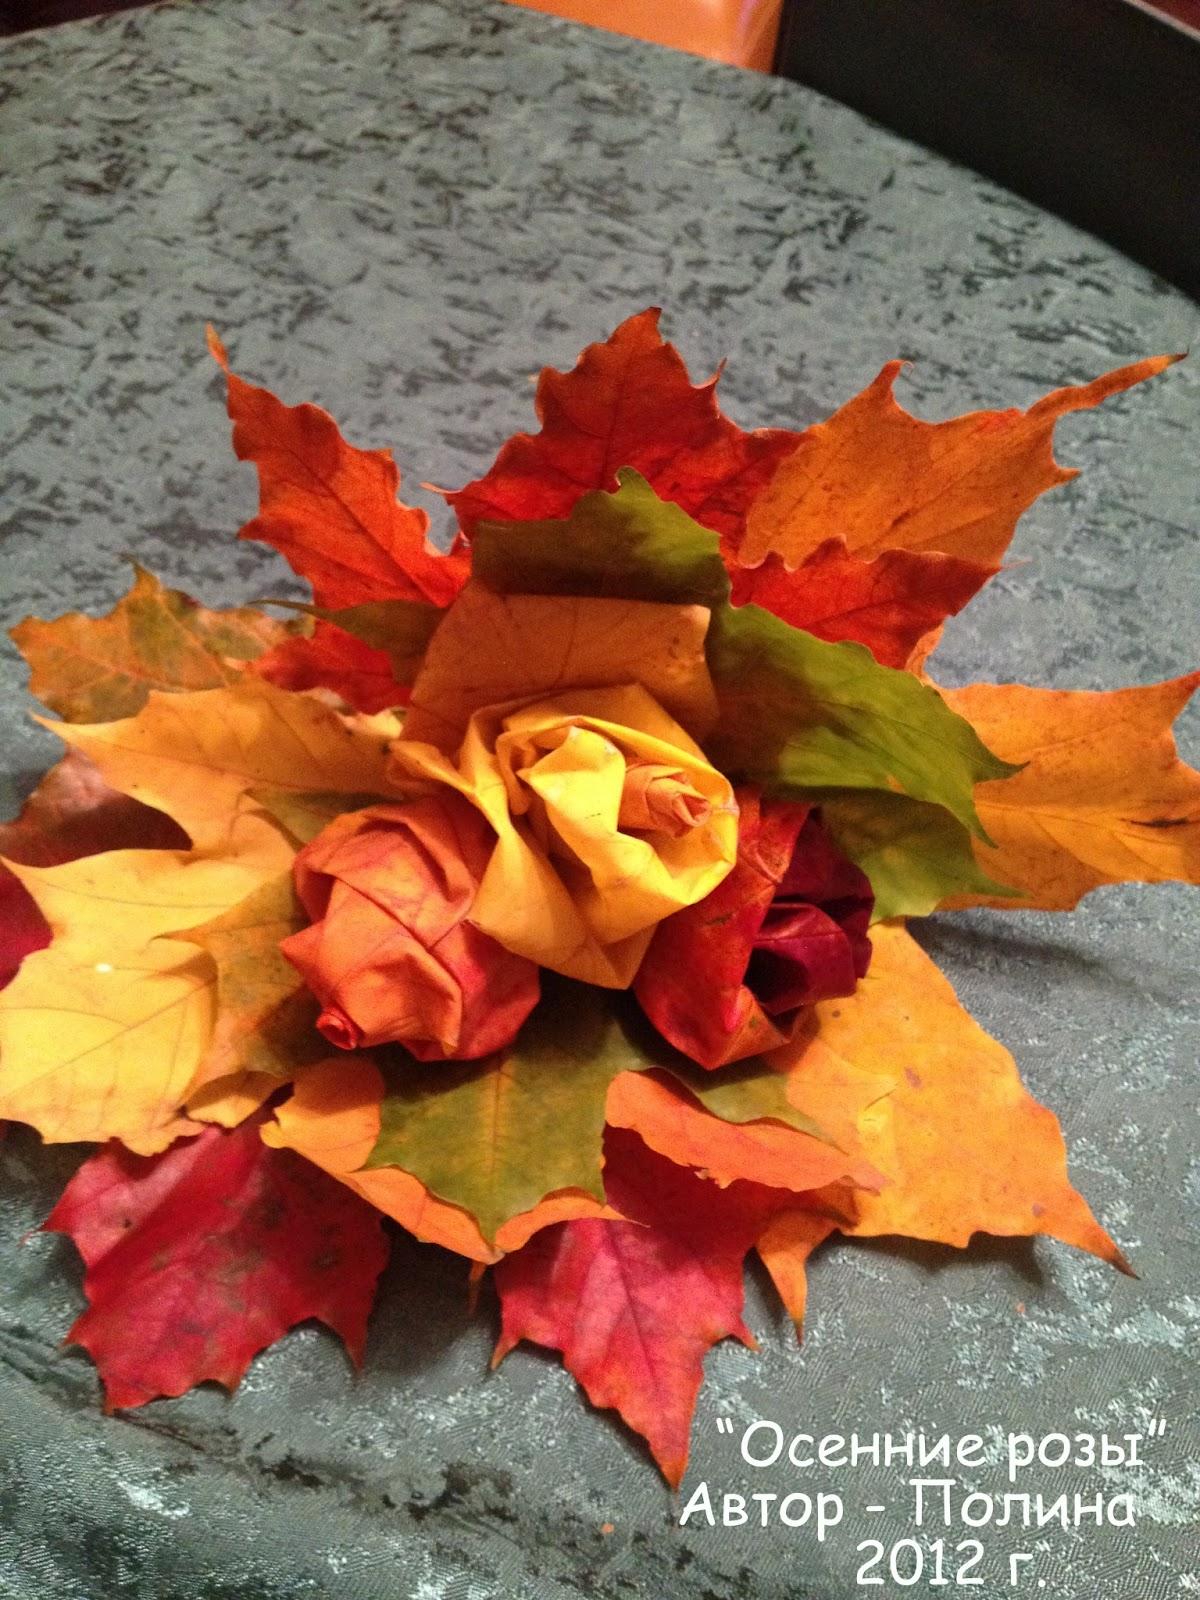 Осенние поделки: 25 идей для детского творчества и украшения интерьера 87